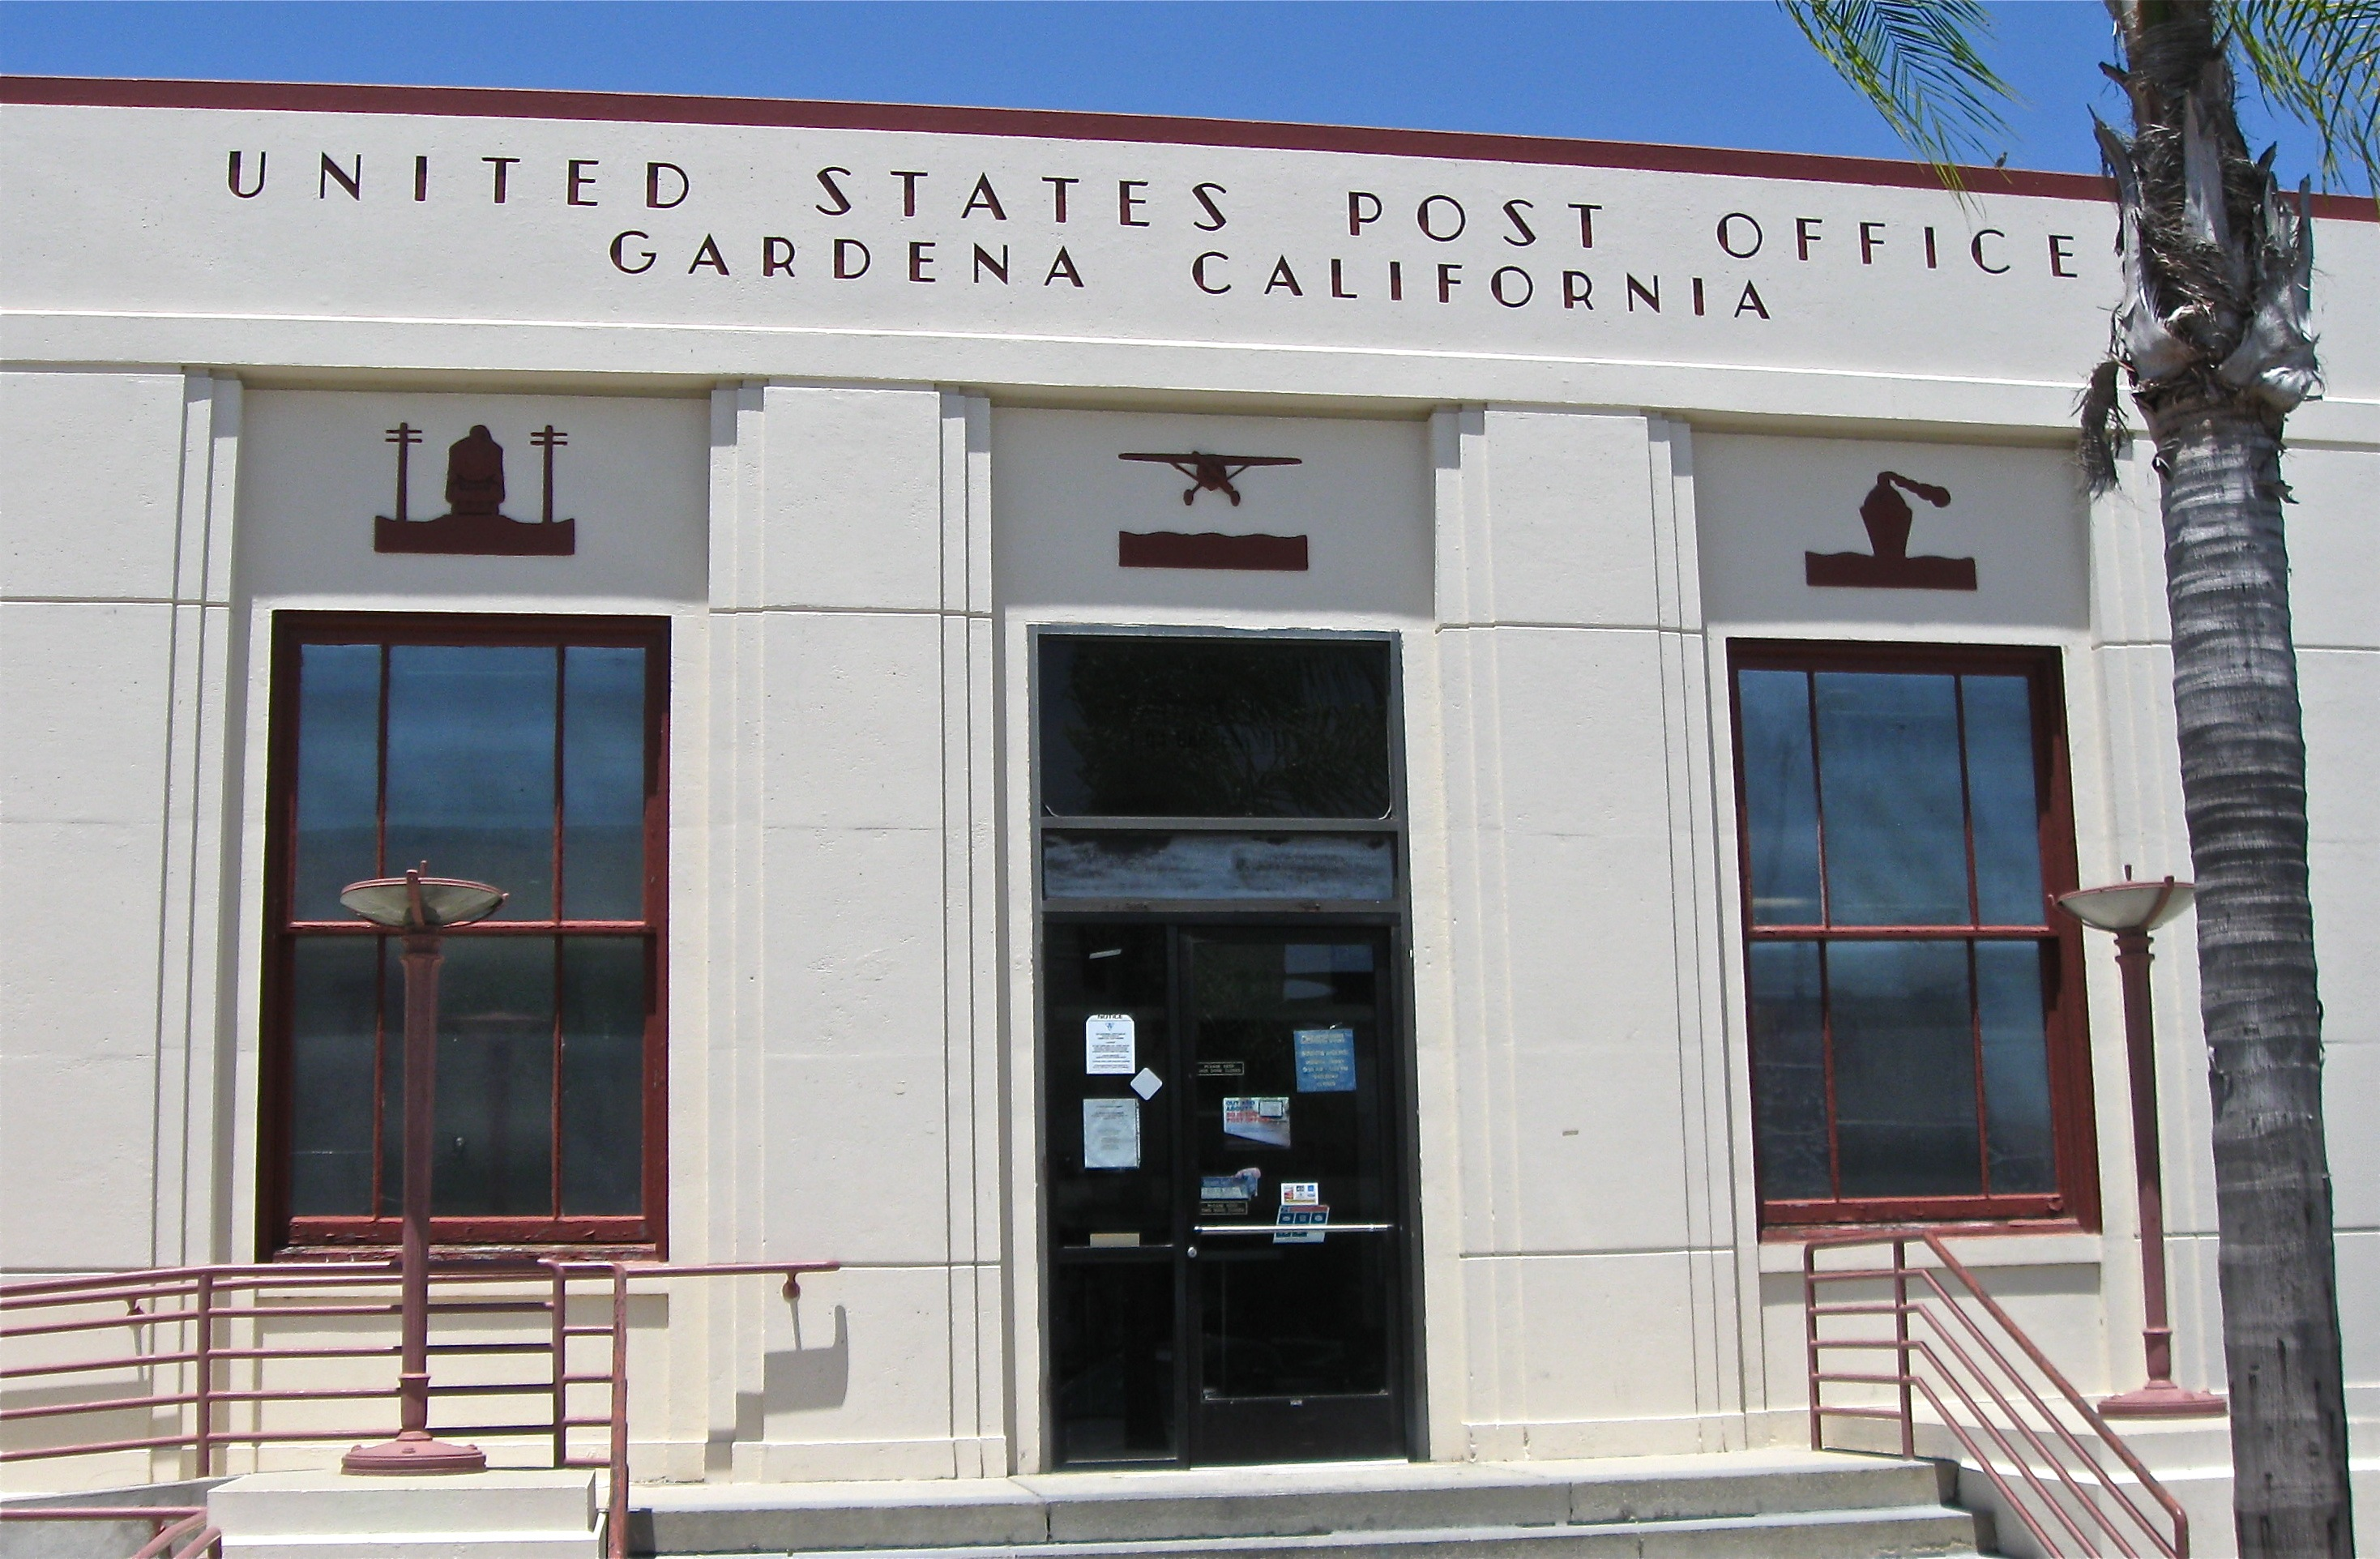 Gardena Post Office Facade